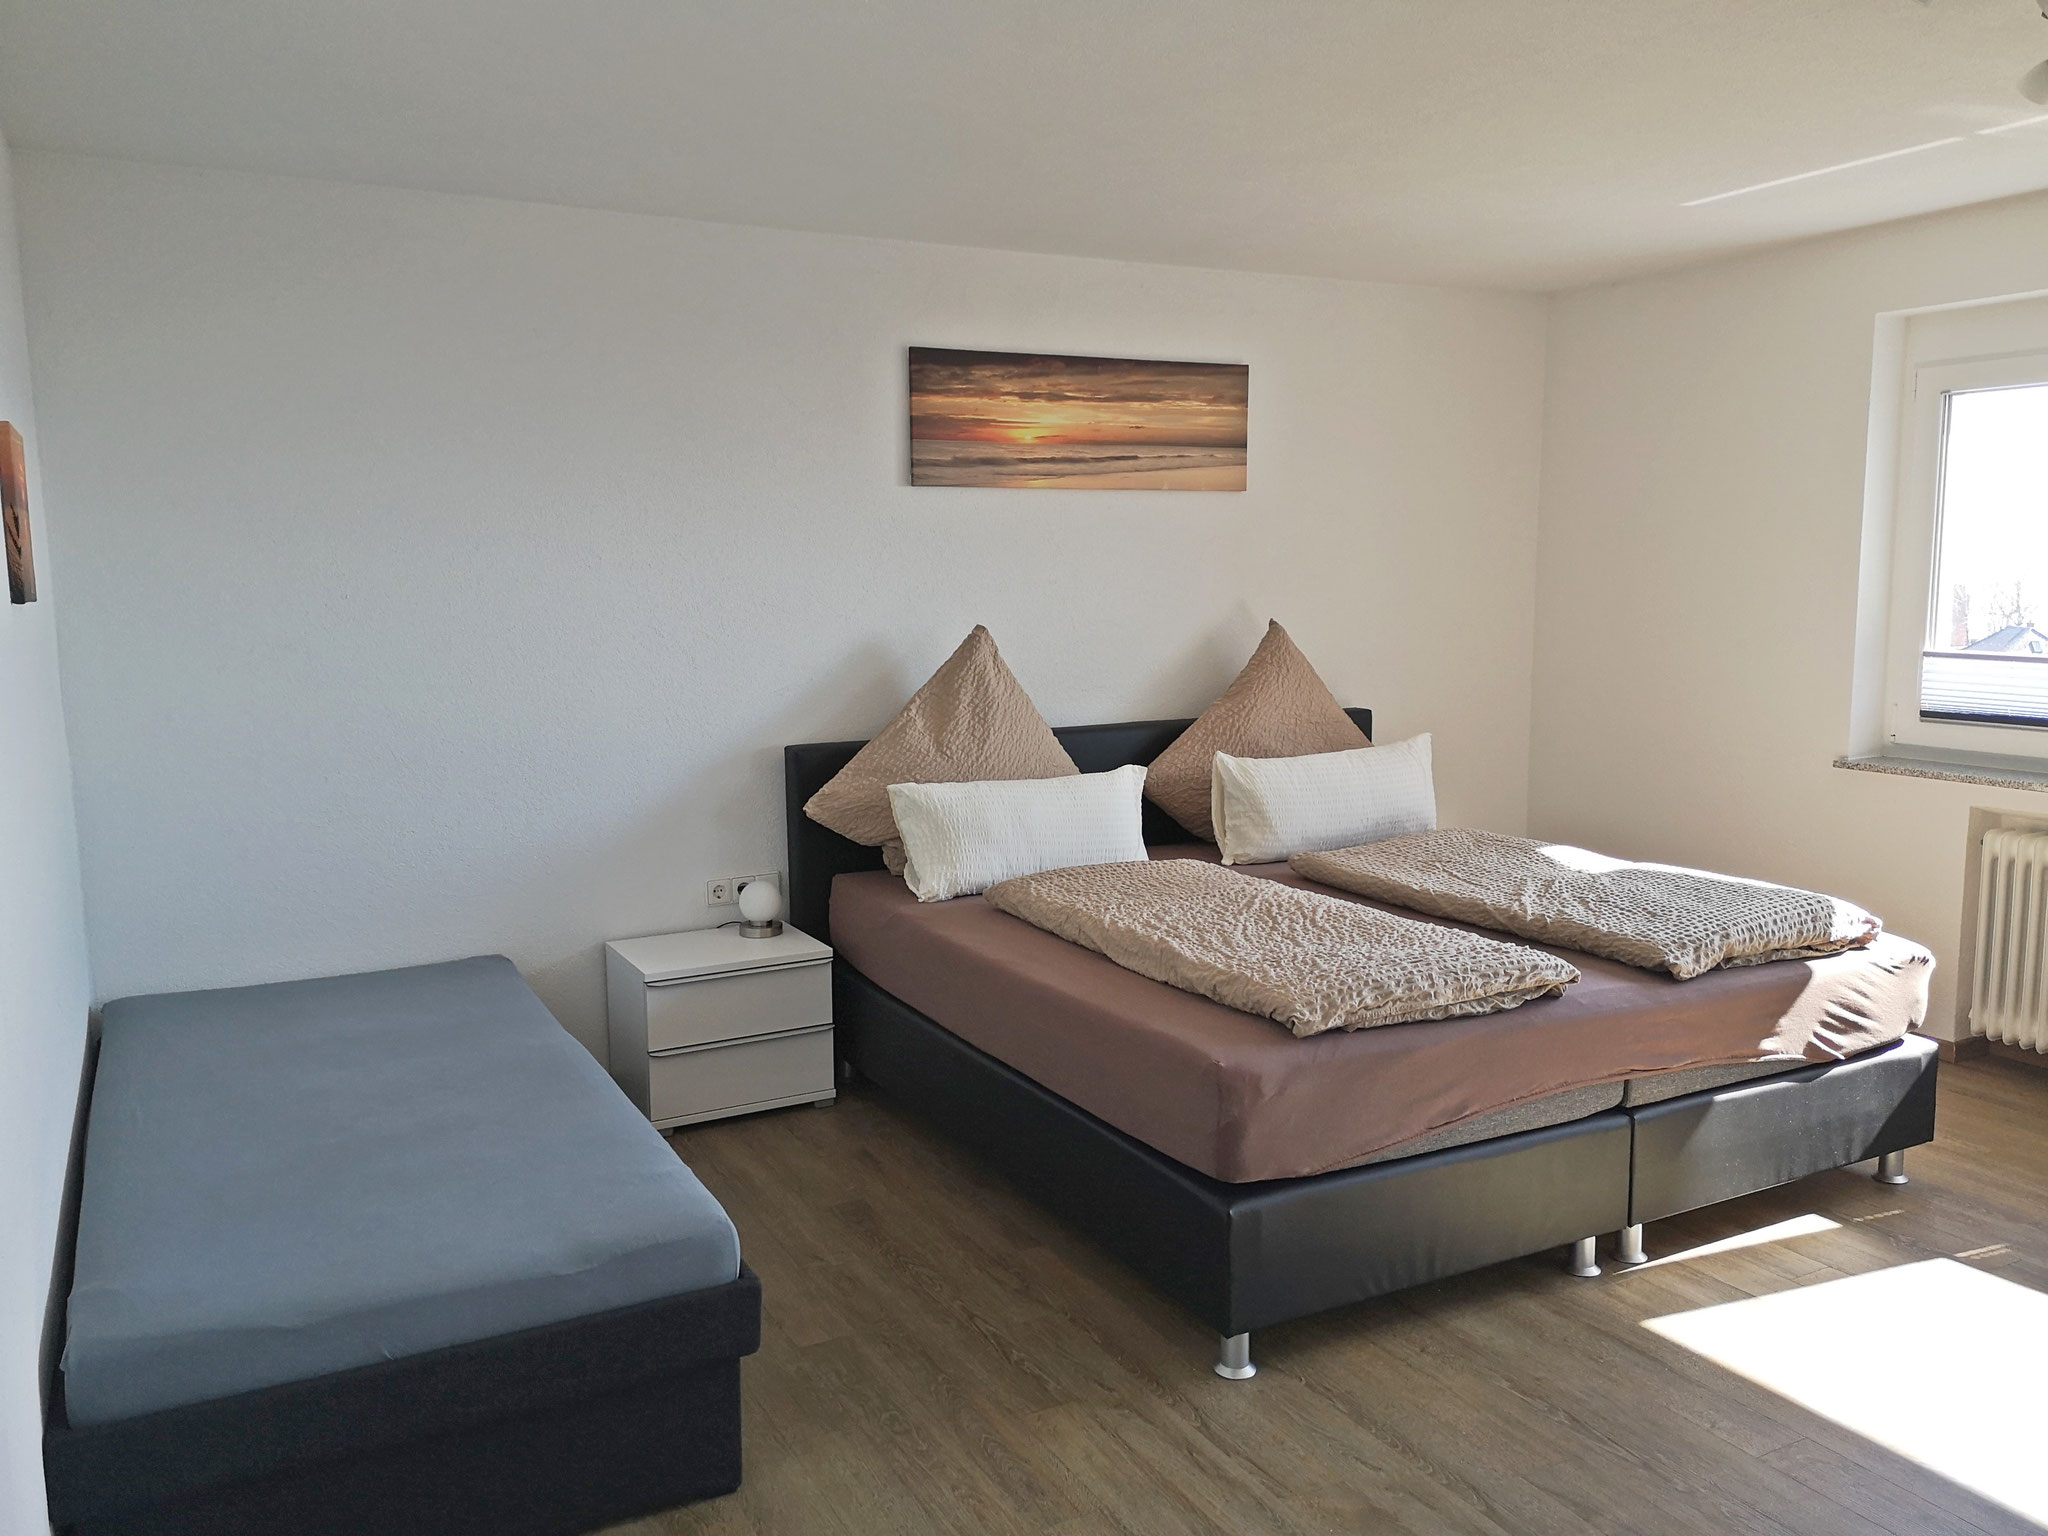 Schlafzimmer (Süd) mit drei Schlafplätzen